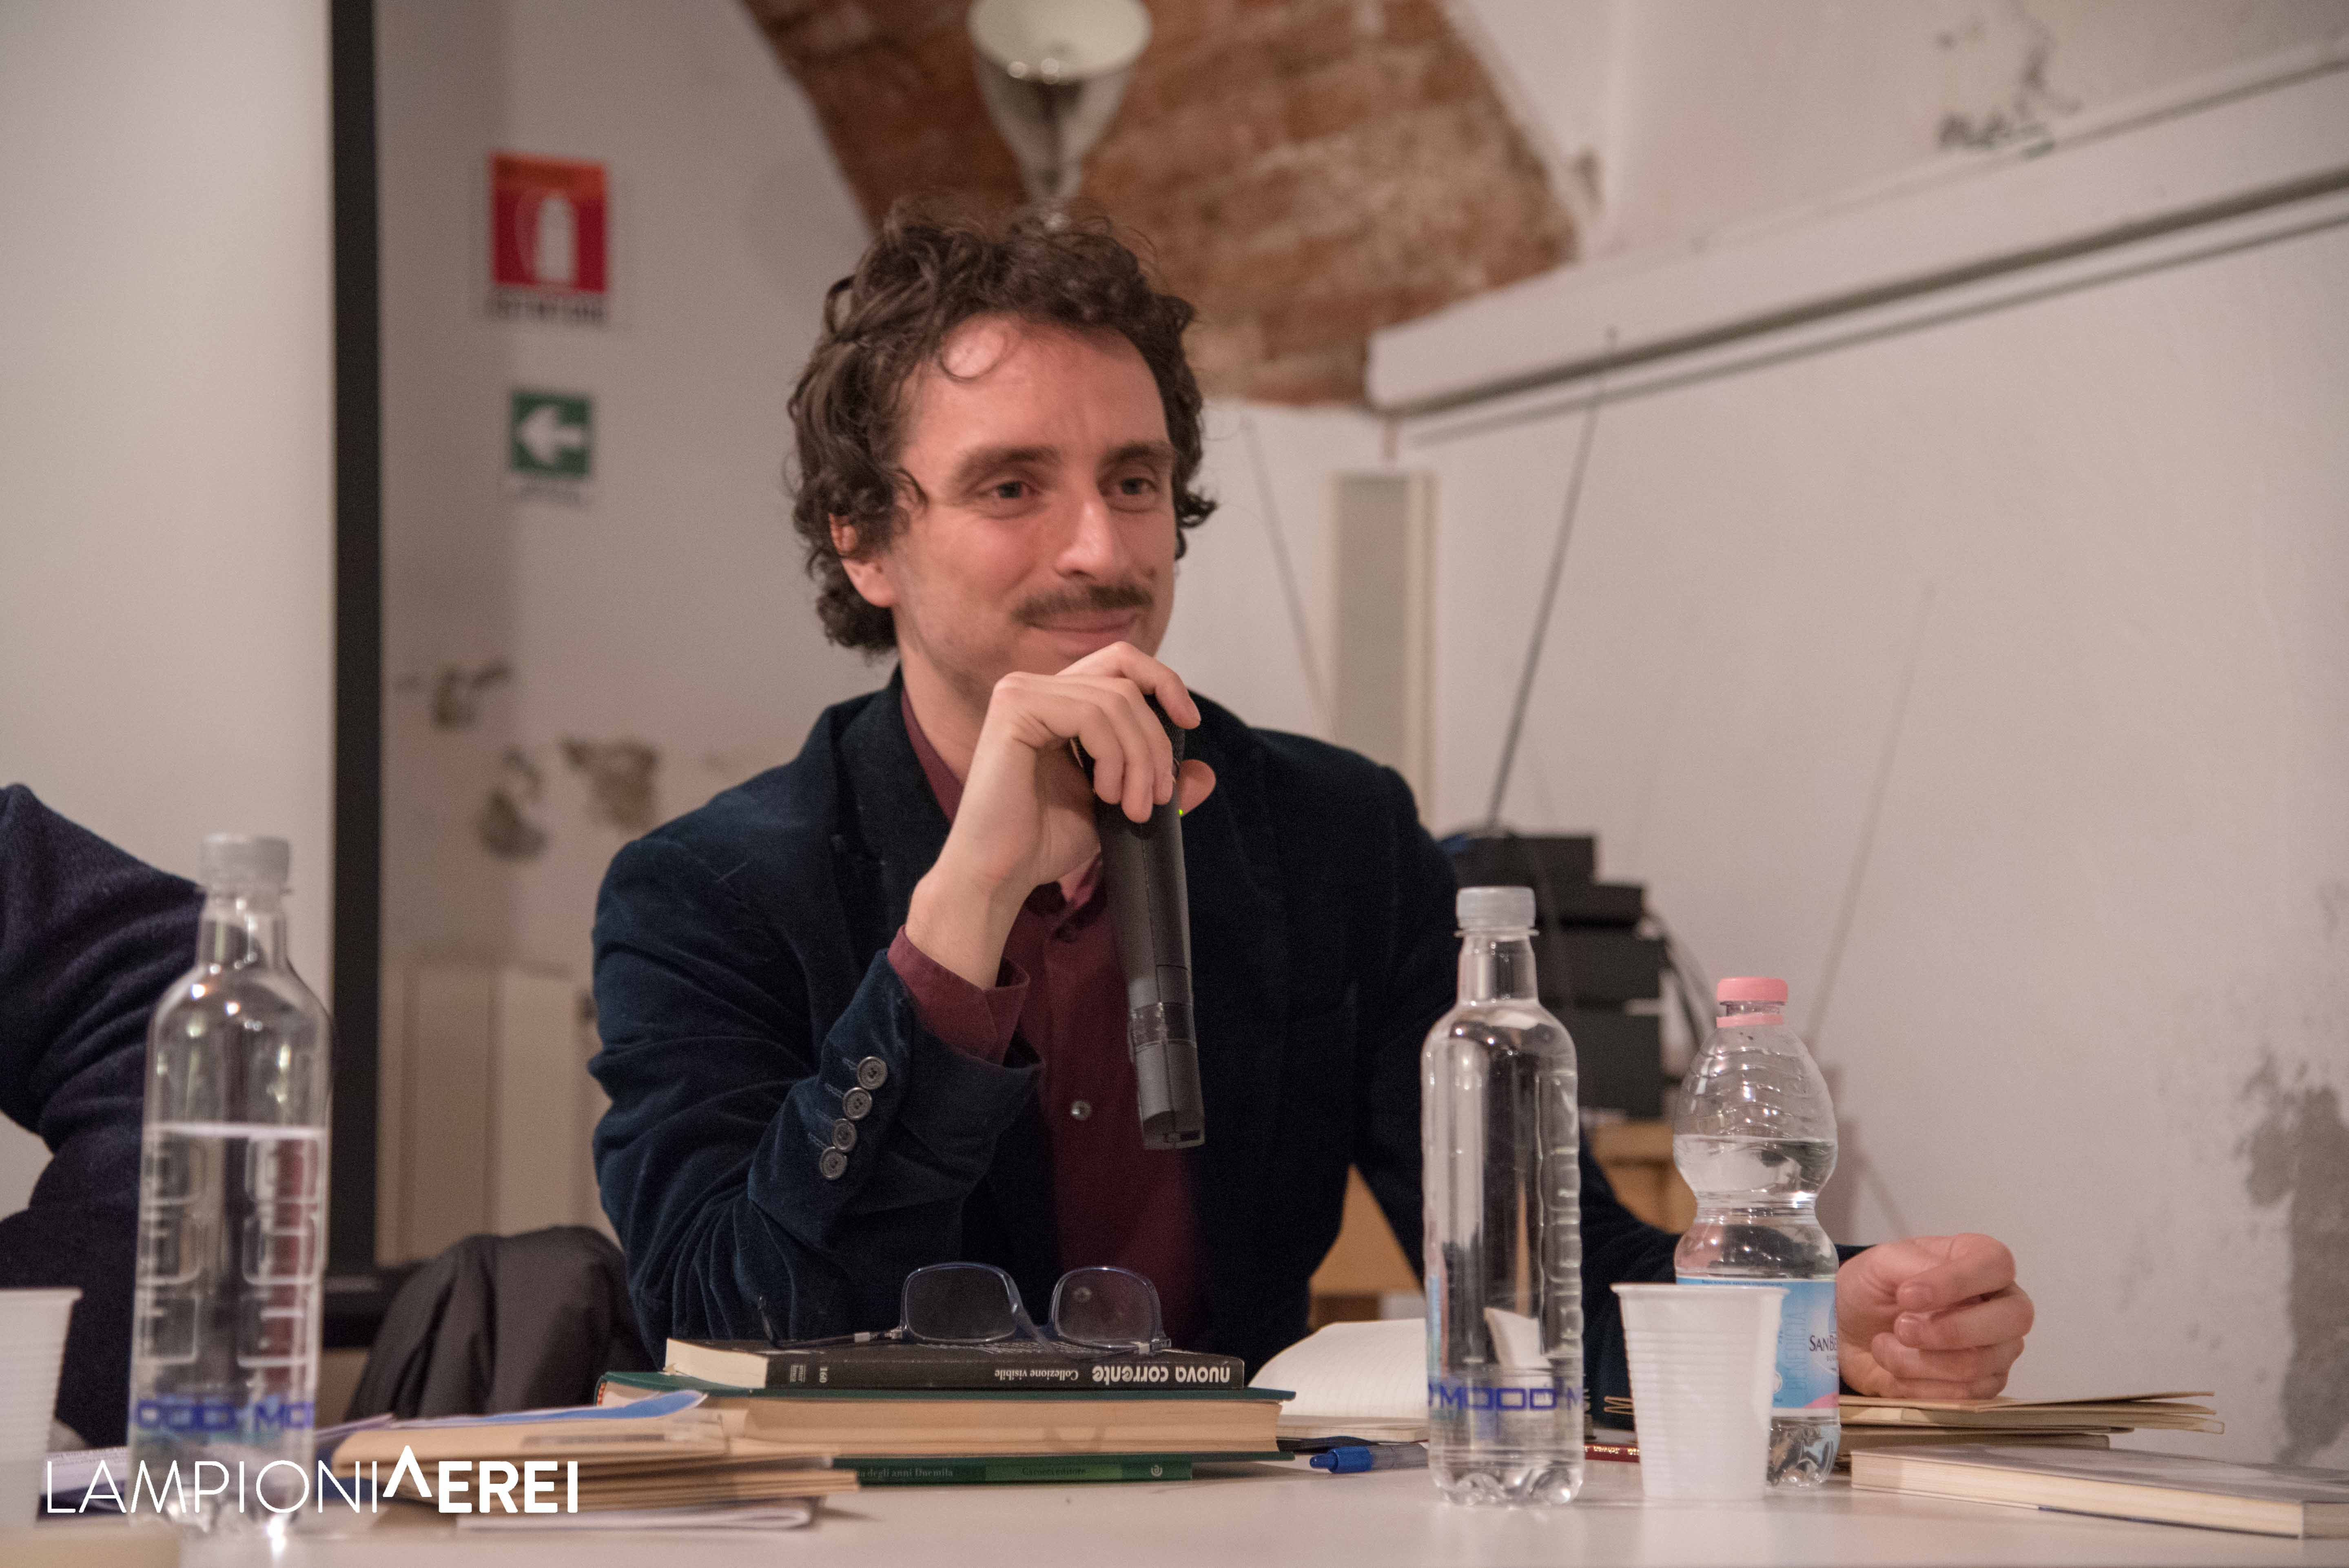 Paolo Giovannetti Lorenzo Cardilli Michele Milani Francesco Ottonello Medium Poesia Poesia e Contemporaneo la poesia di oggi introduzione ChiAmaMilano